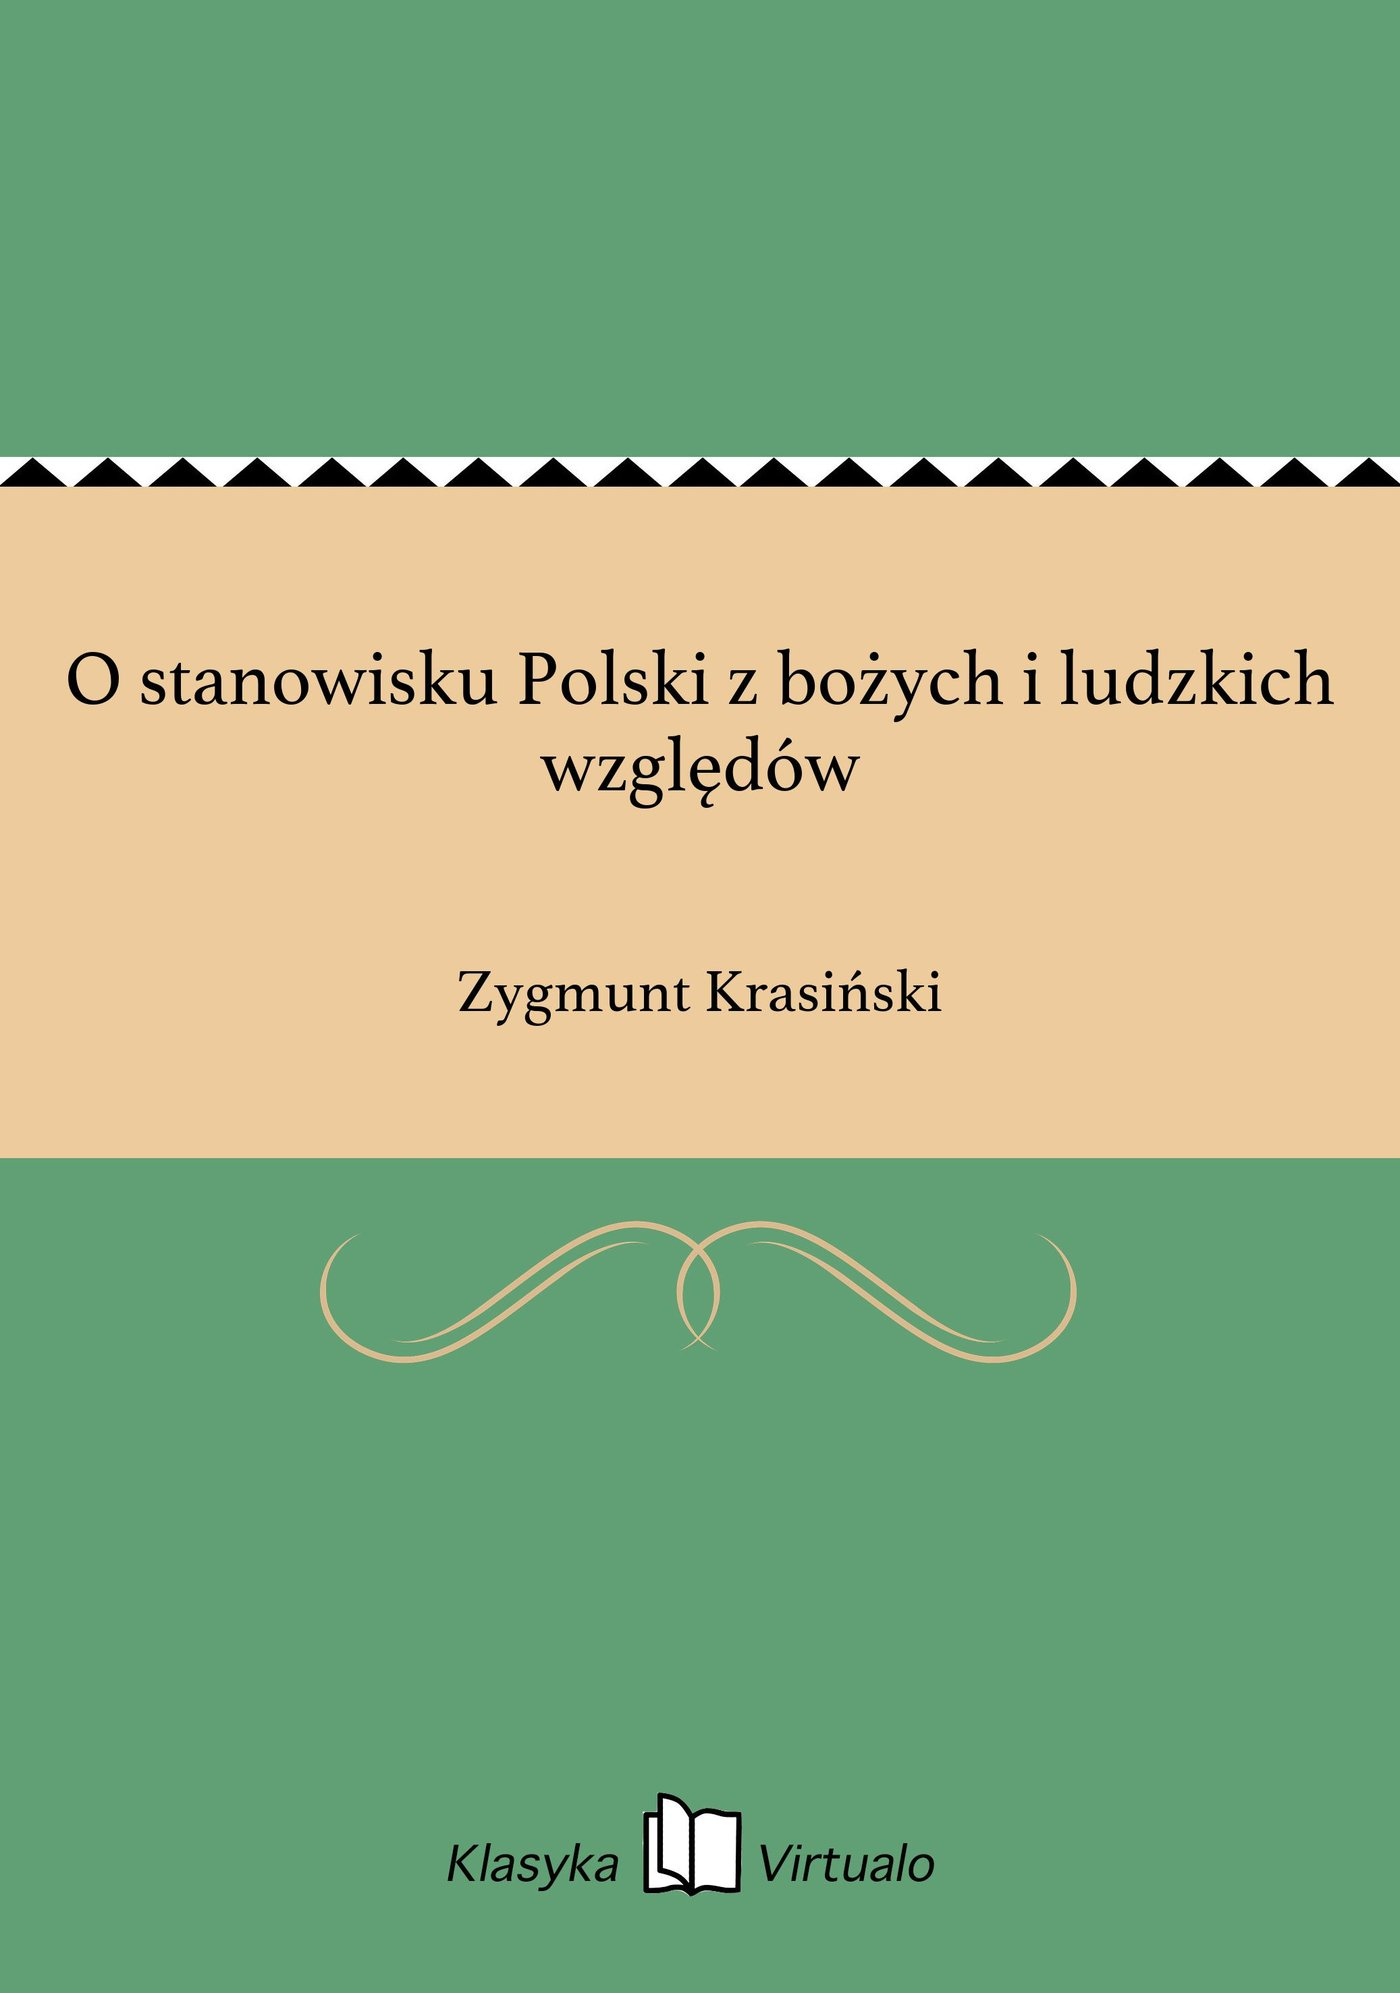 O stanowisku Polski z bożych i ludzkich względów - Ebook (Książka EPUB) do pobrania w formacie EPUB